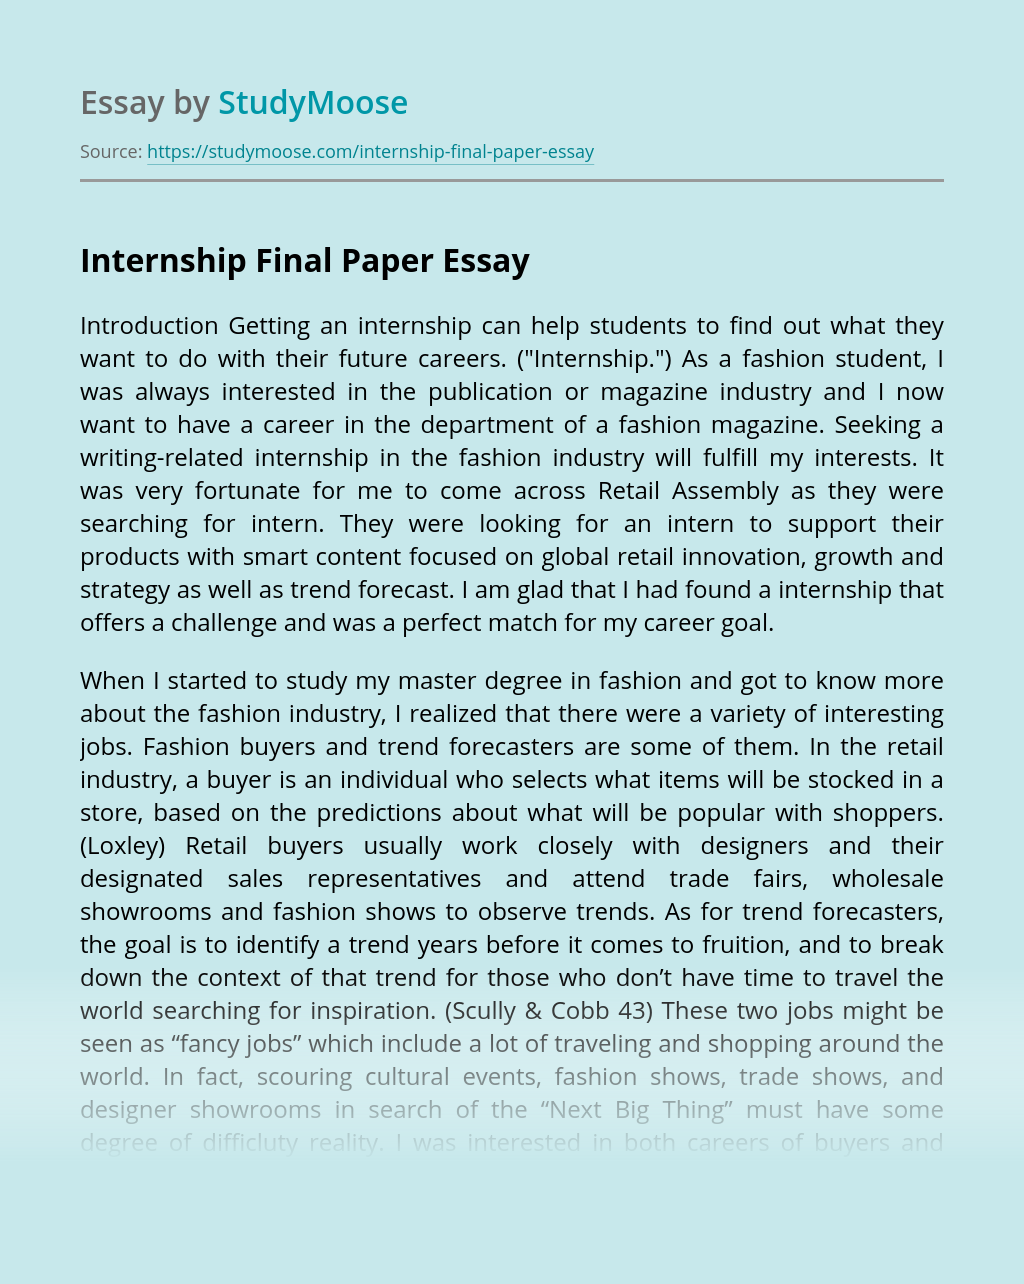 Internship Final Paper